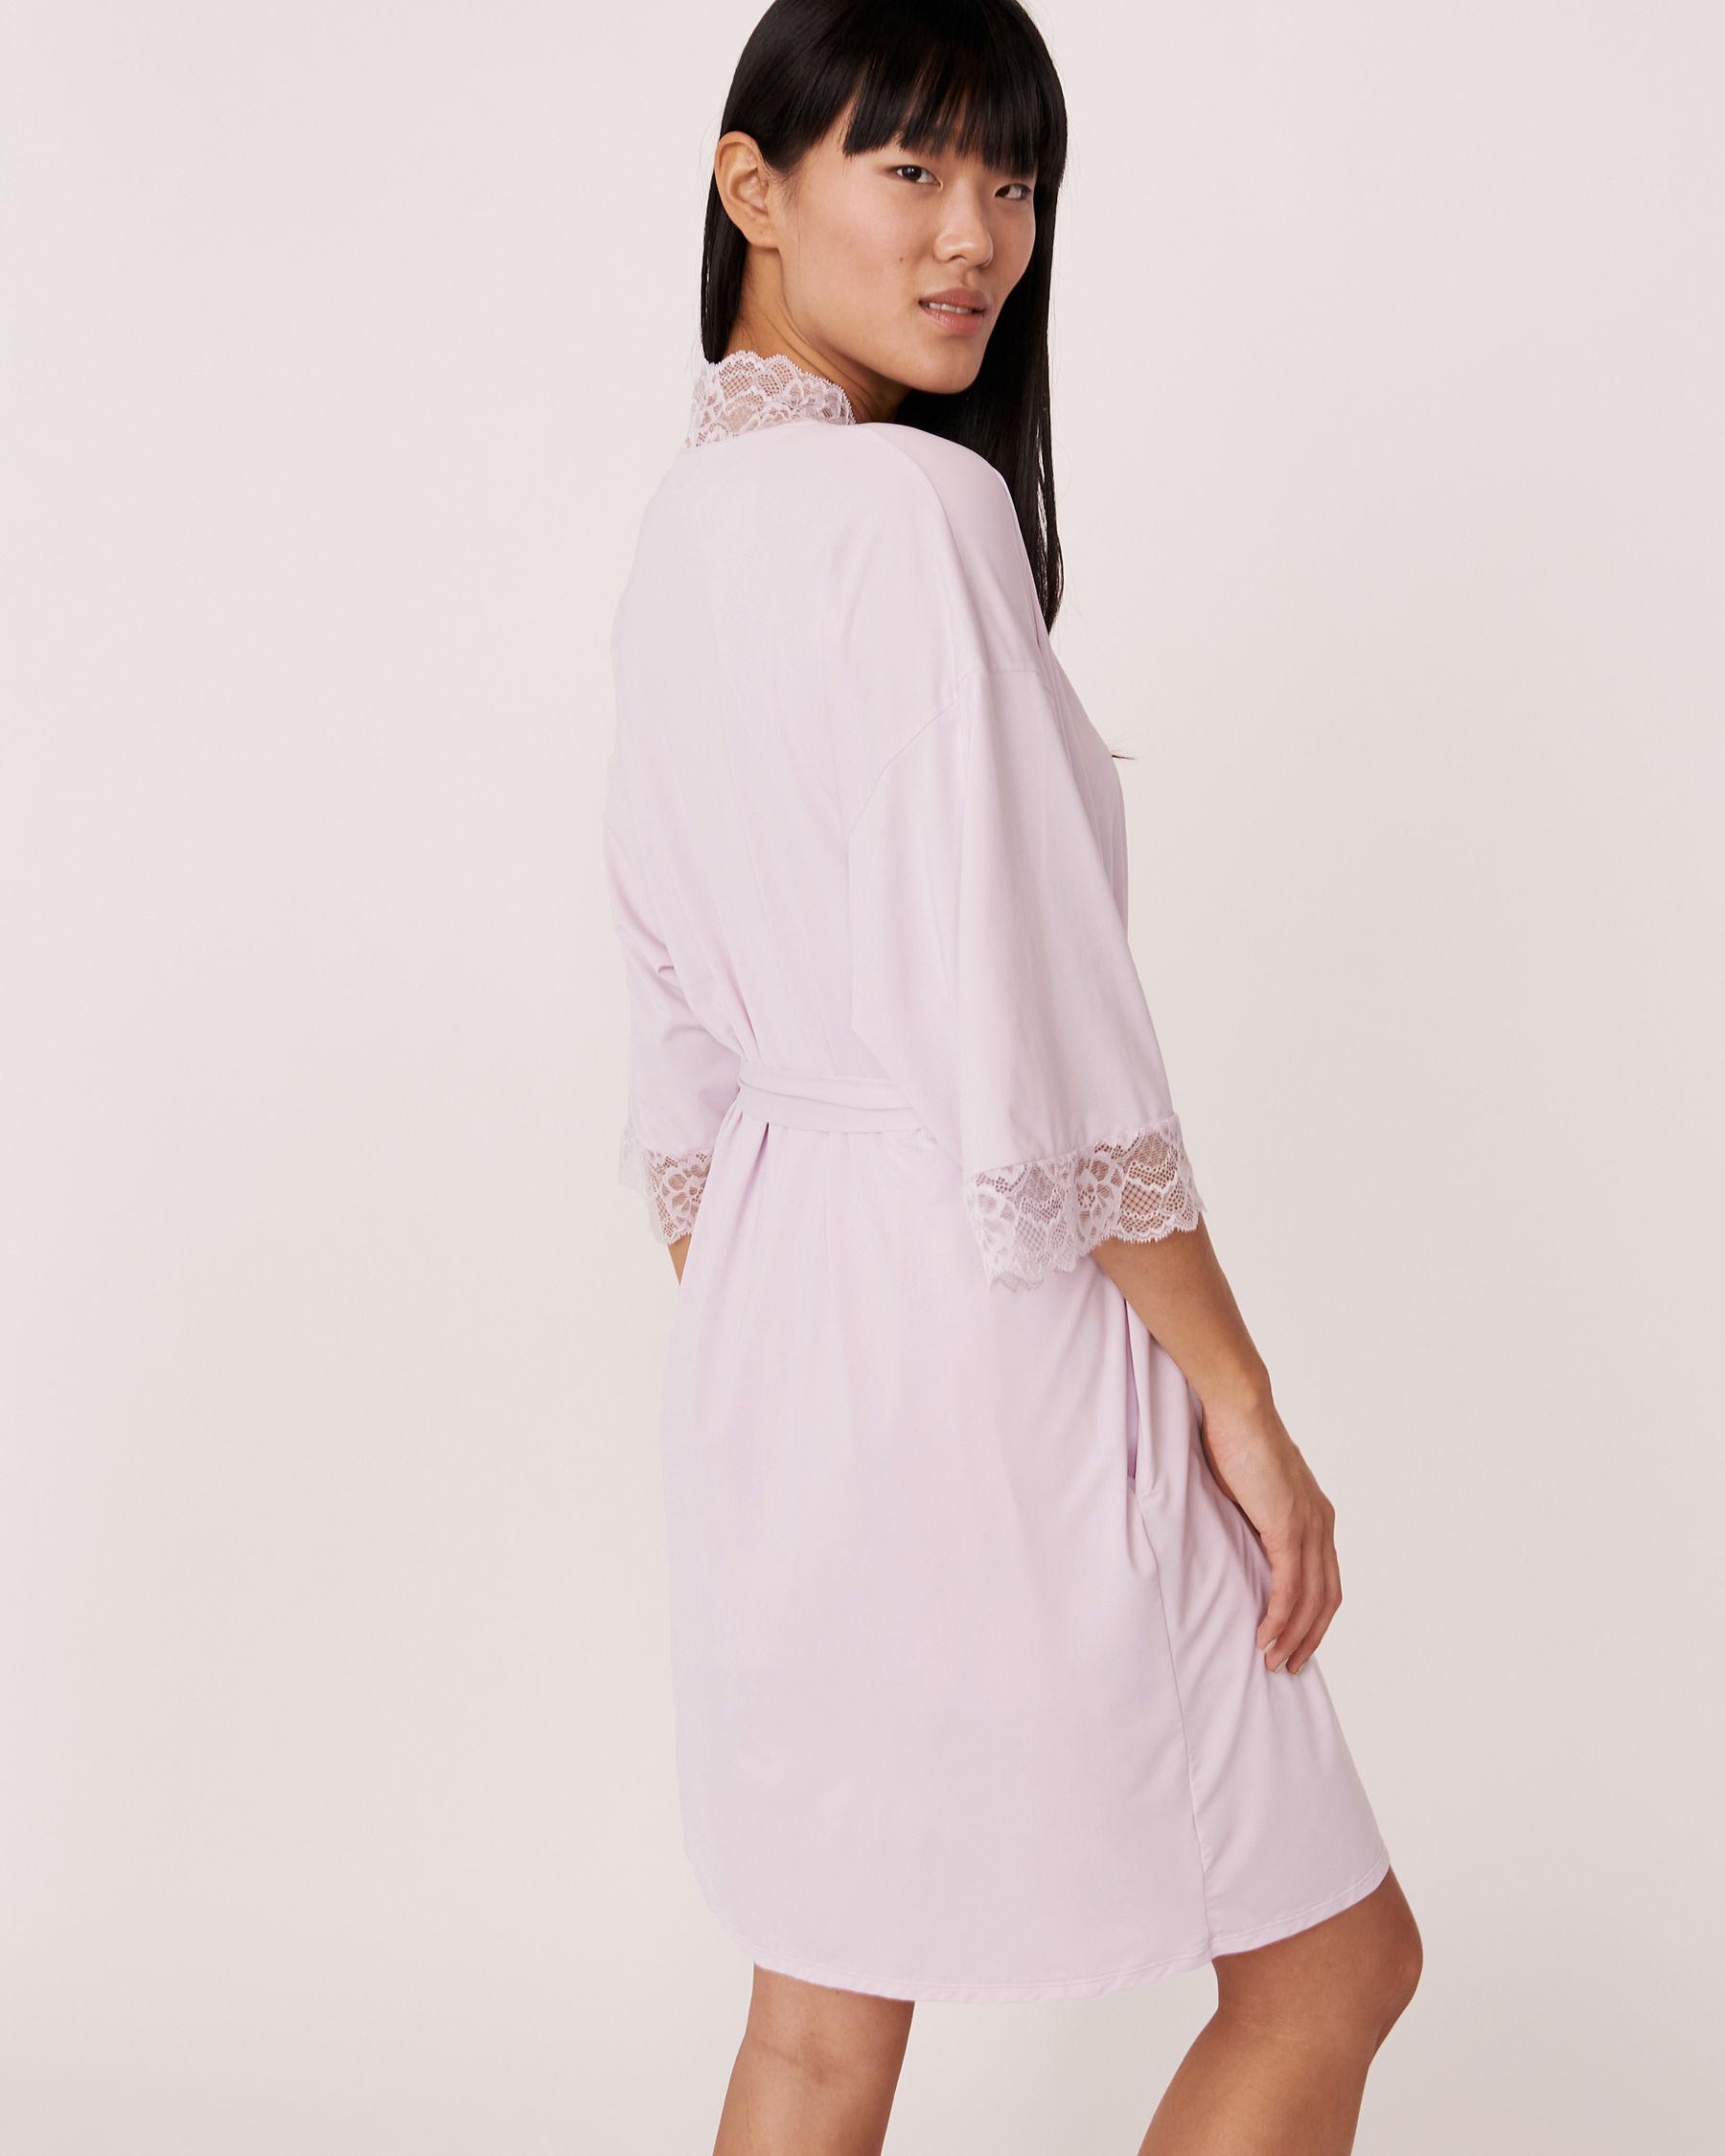 LA VIE EN ROSE Kimono garniture de dentelle Lilas 60600002 - Voir3